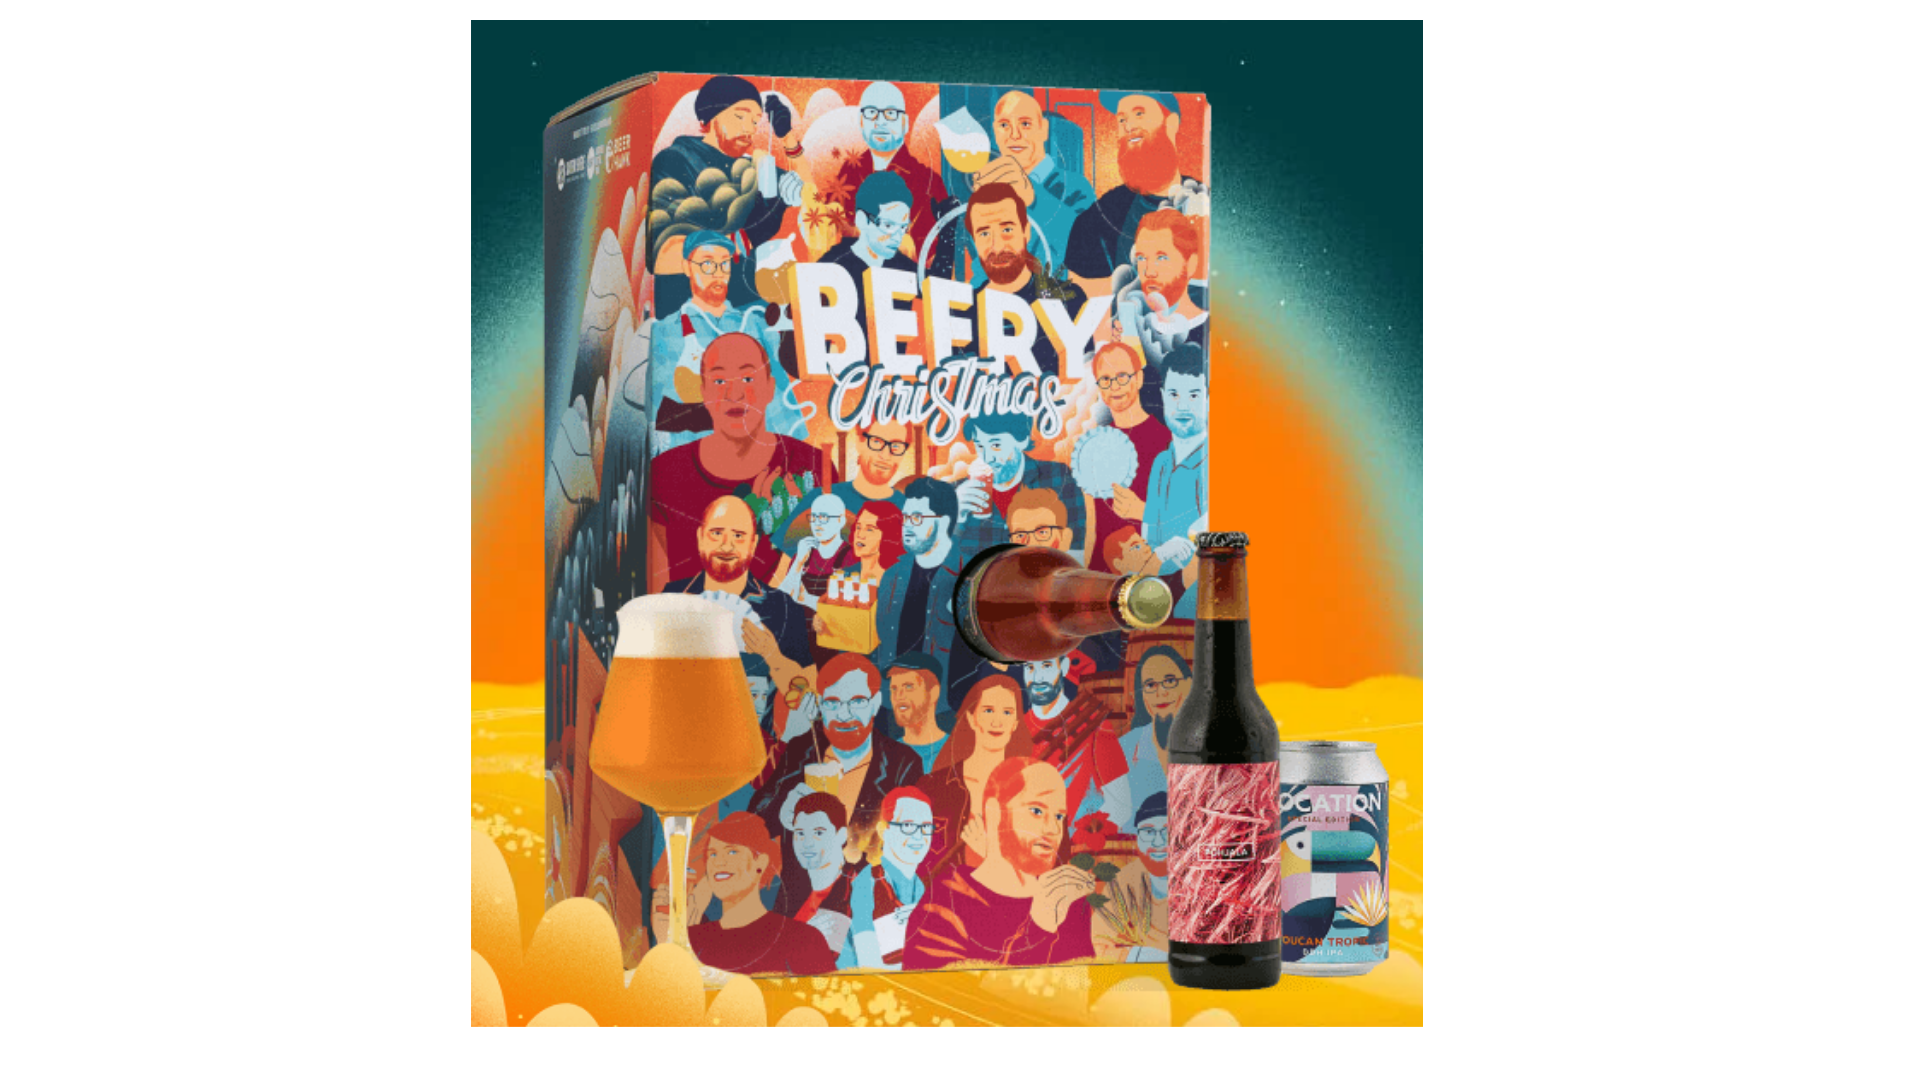 Calendrier de l'avent Beer Hawk 2021